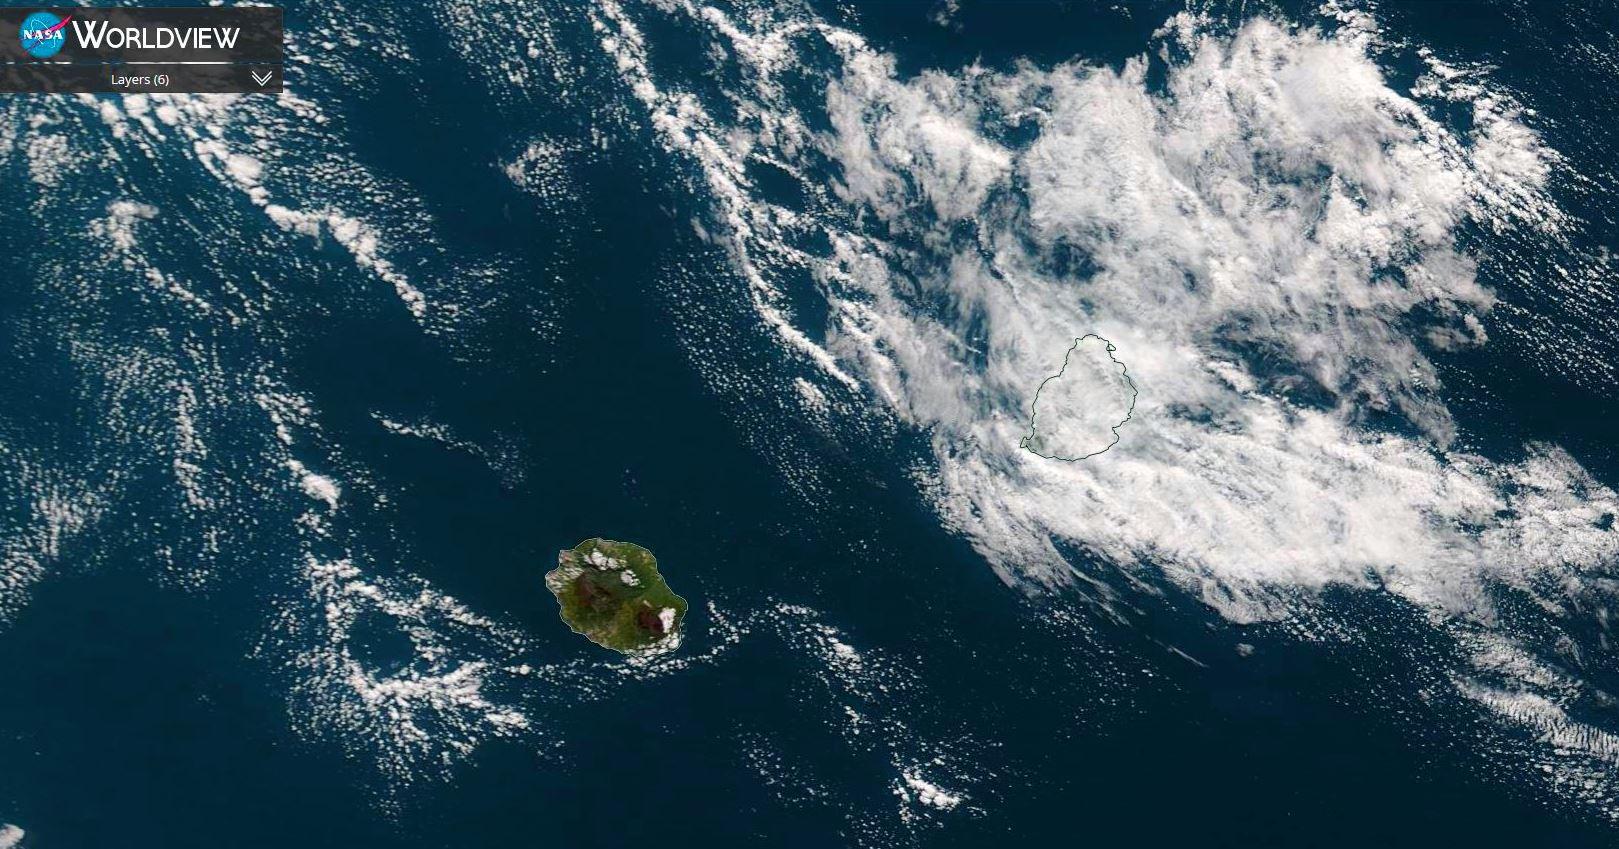 Les Iles Soeurs( Réunion et Maurice) vues par le satellite Terra ce matin à 10h10. La Réunion est sous le soleil qui réchauffe l'atmosphère après un petit matin bien frais alors que Maurice est engluée dans des nuages qui stagnent plus ou moins à proximité de l'île. NASA US